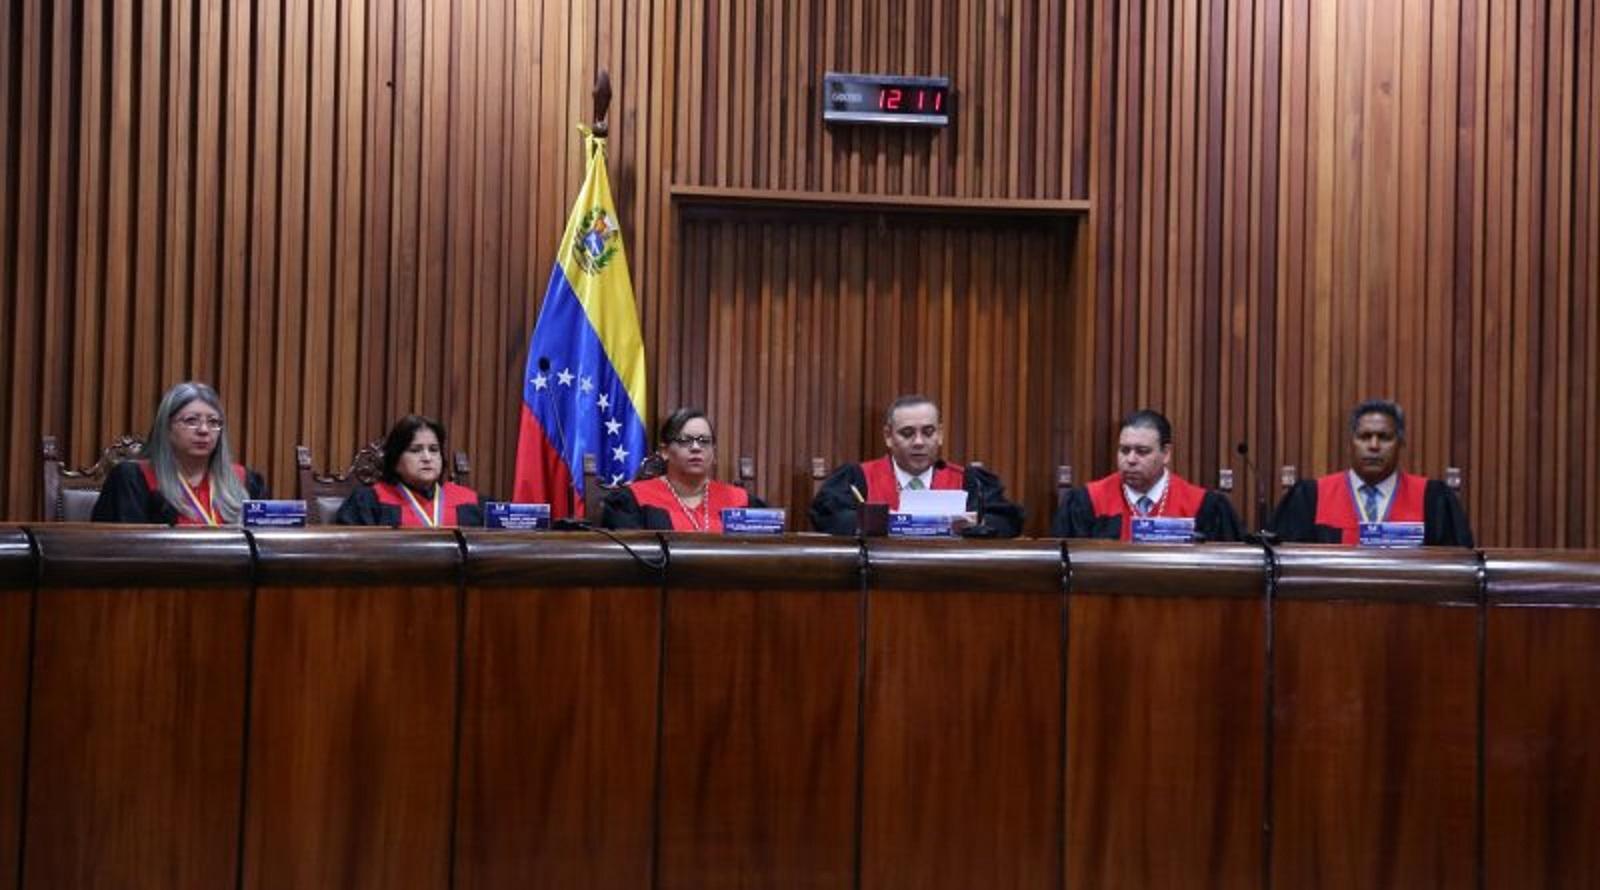 Diputados venezolanos serán enjuiciados tras denuncias sobre plan contra el Parlamento